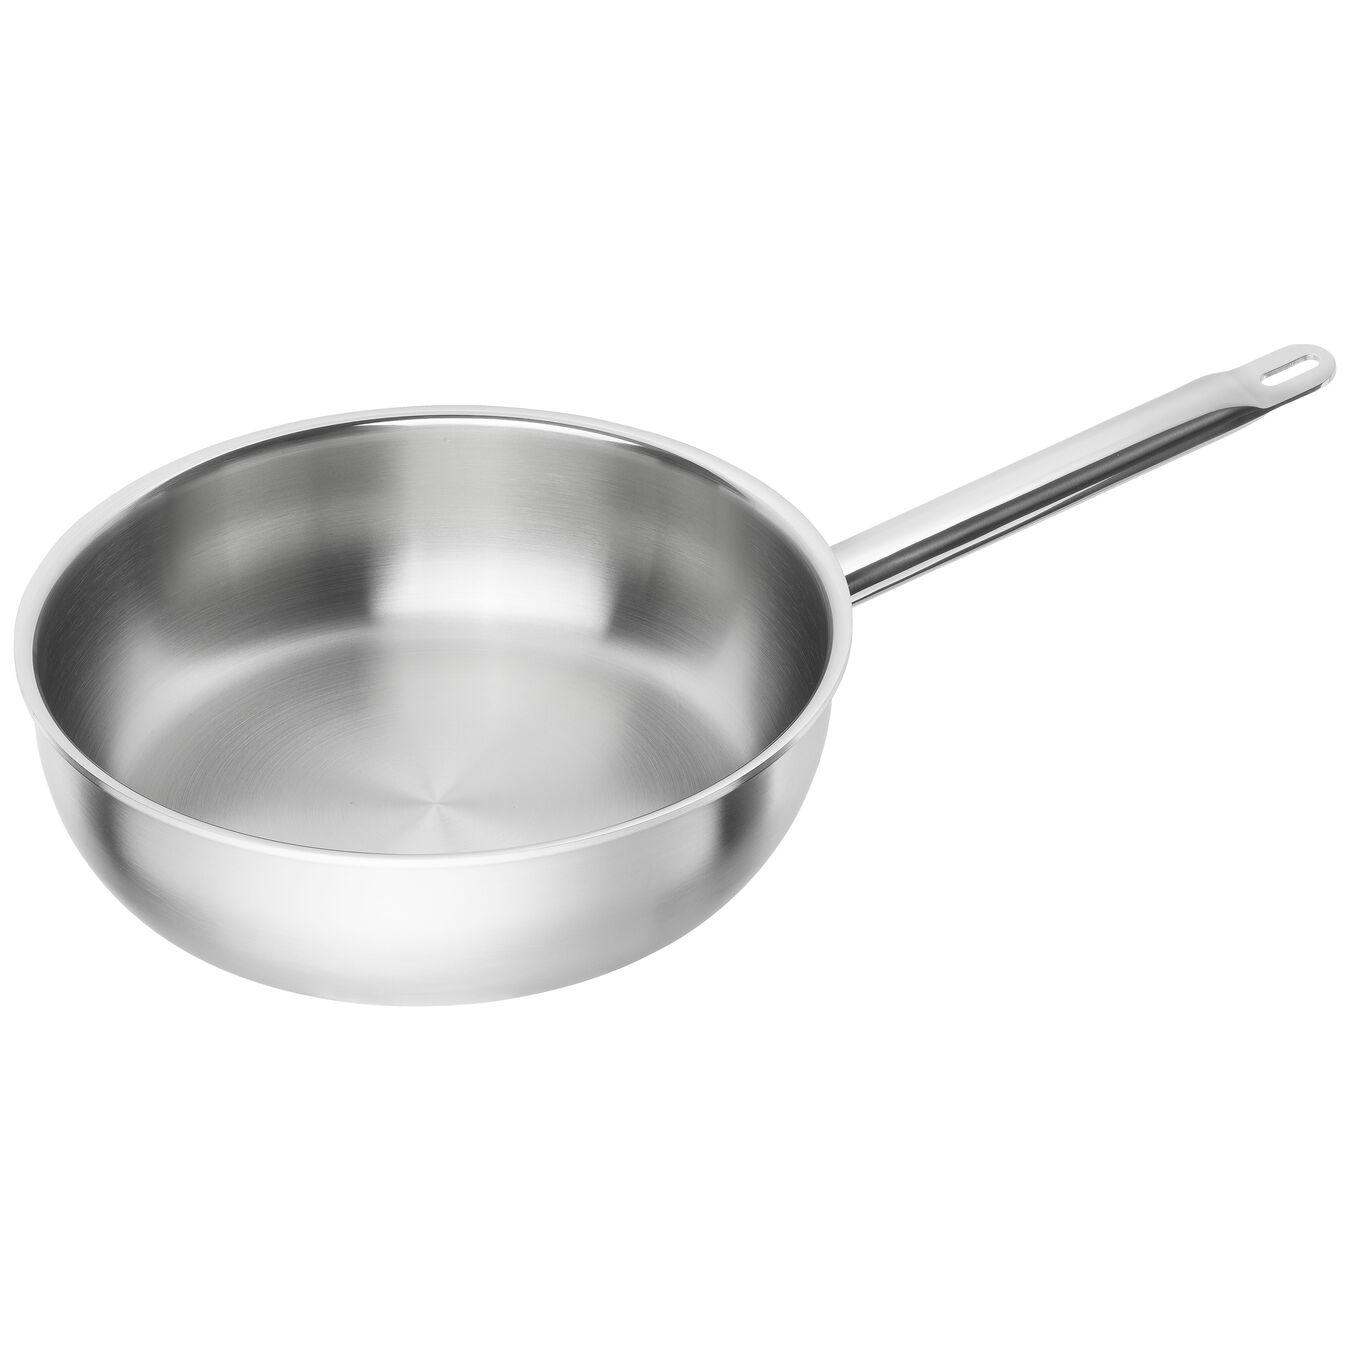 Stekpanna högsidig 28 cm, 18/10 Rostfritt stål, Silver,,large 1